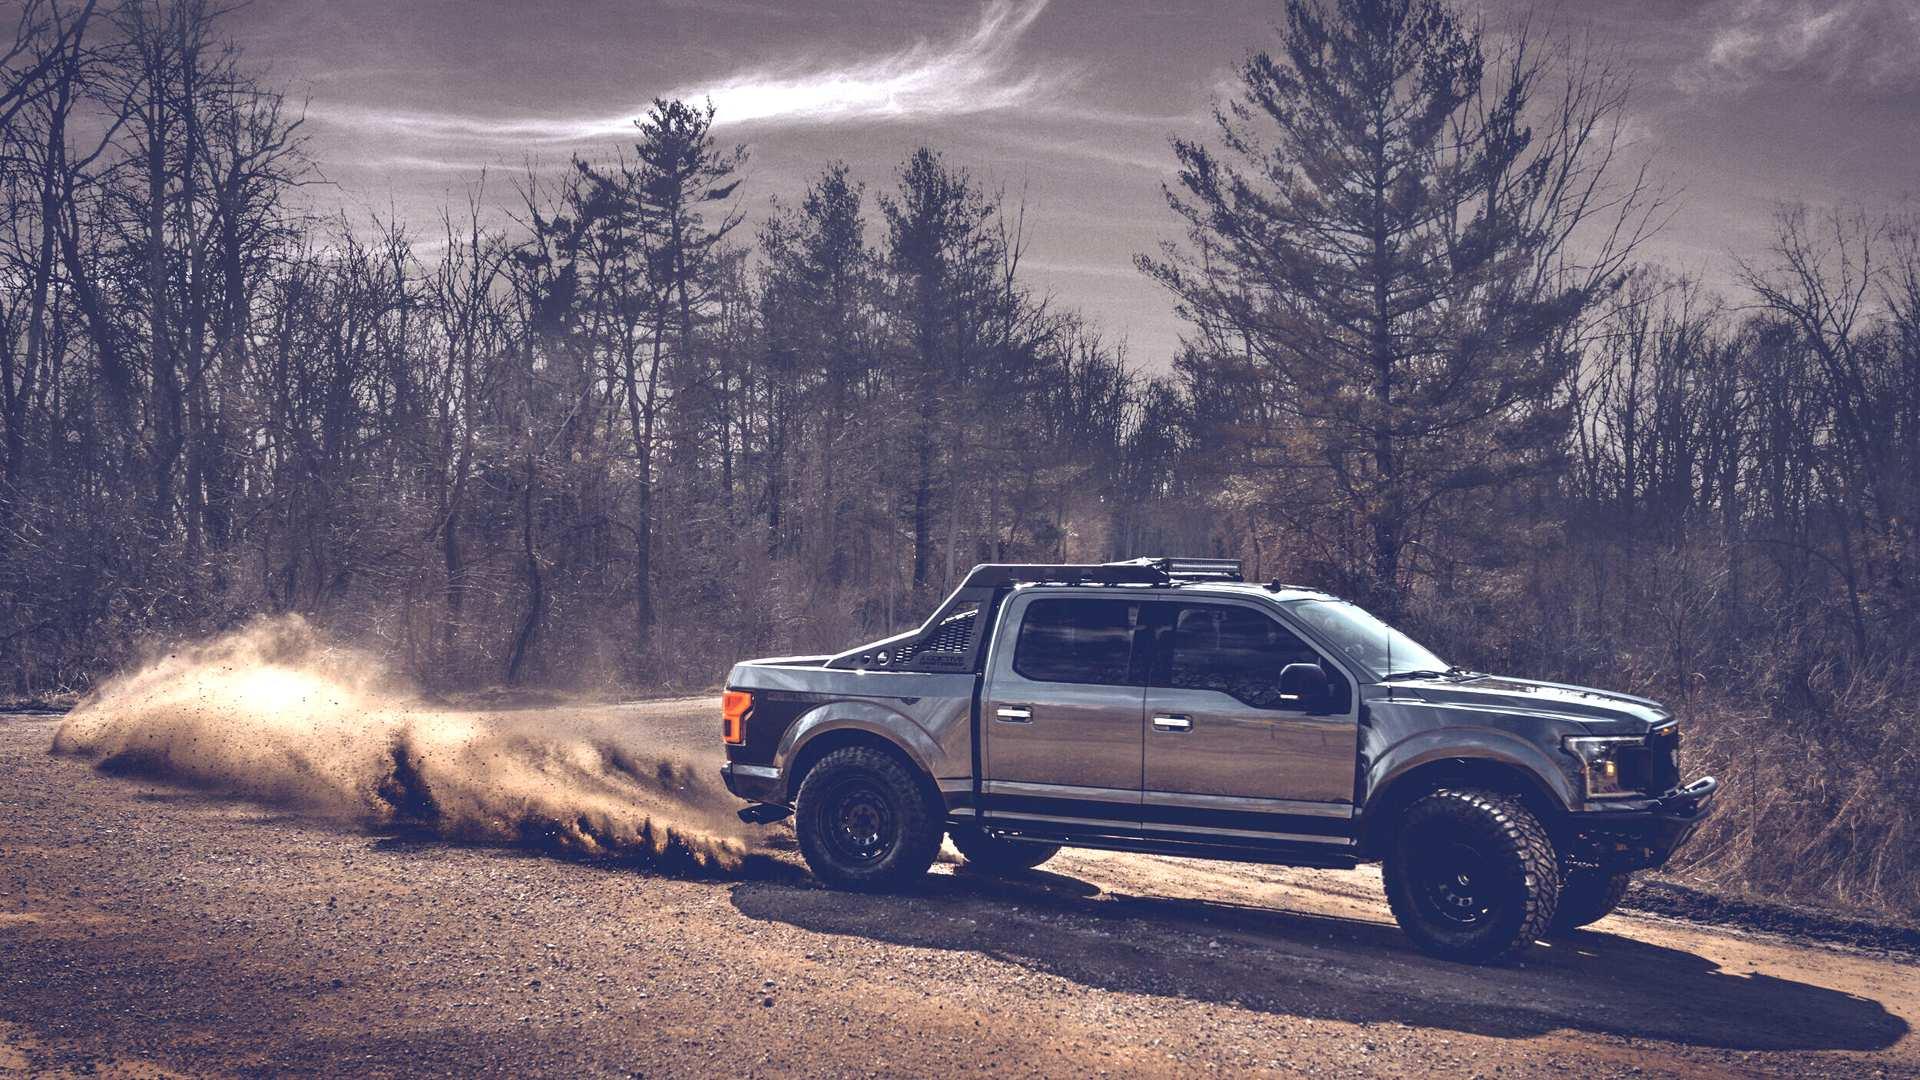 2020 Ford F-150 Raptor by Mil-Spec Automotive, preparado para el apocalipsis